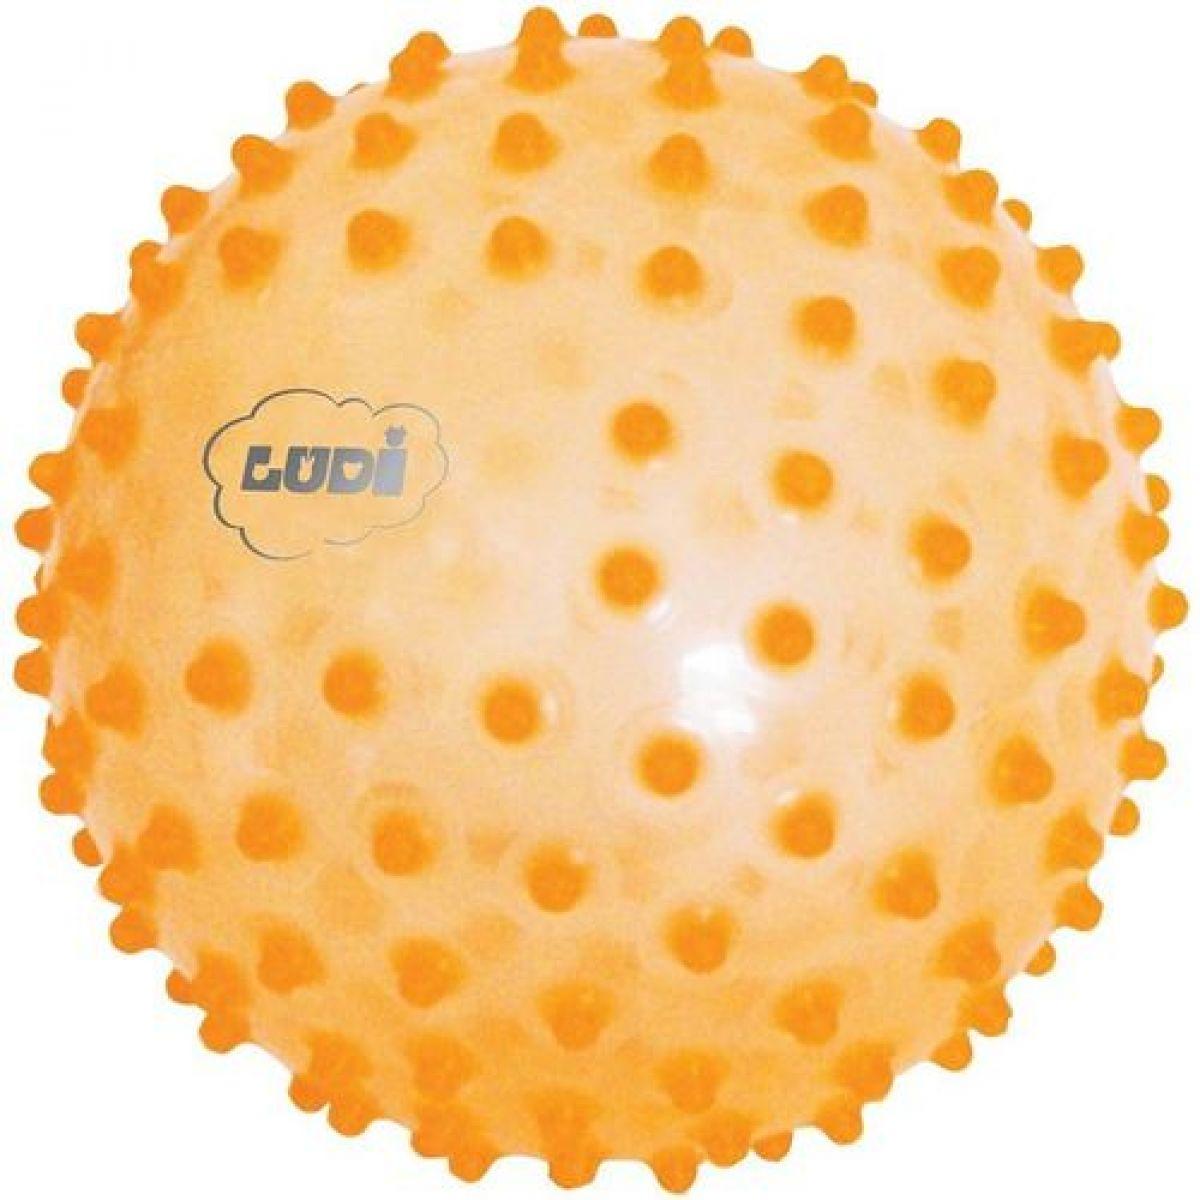 Ludi Senzorický míček oranžová